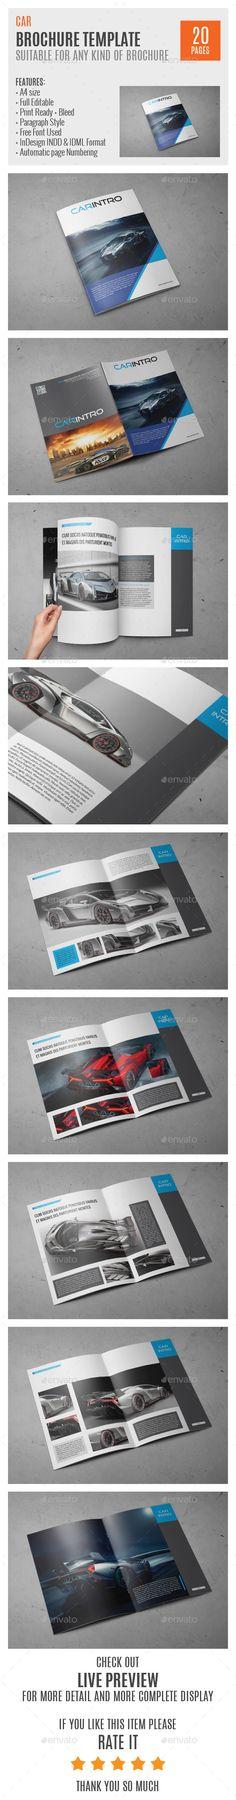 Construction Bundle Templates Flyer template - auto detailing flyer template